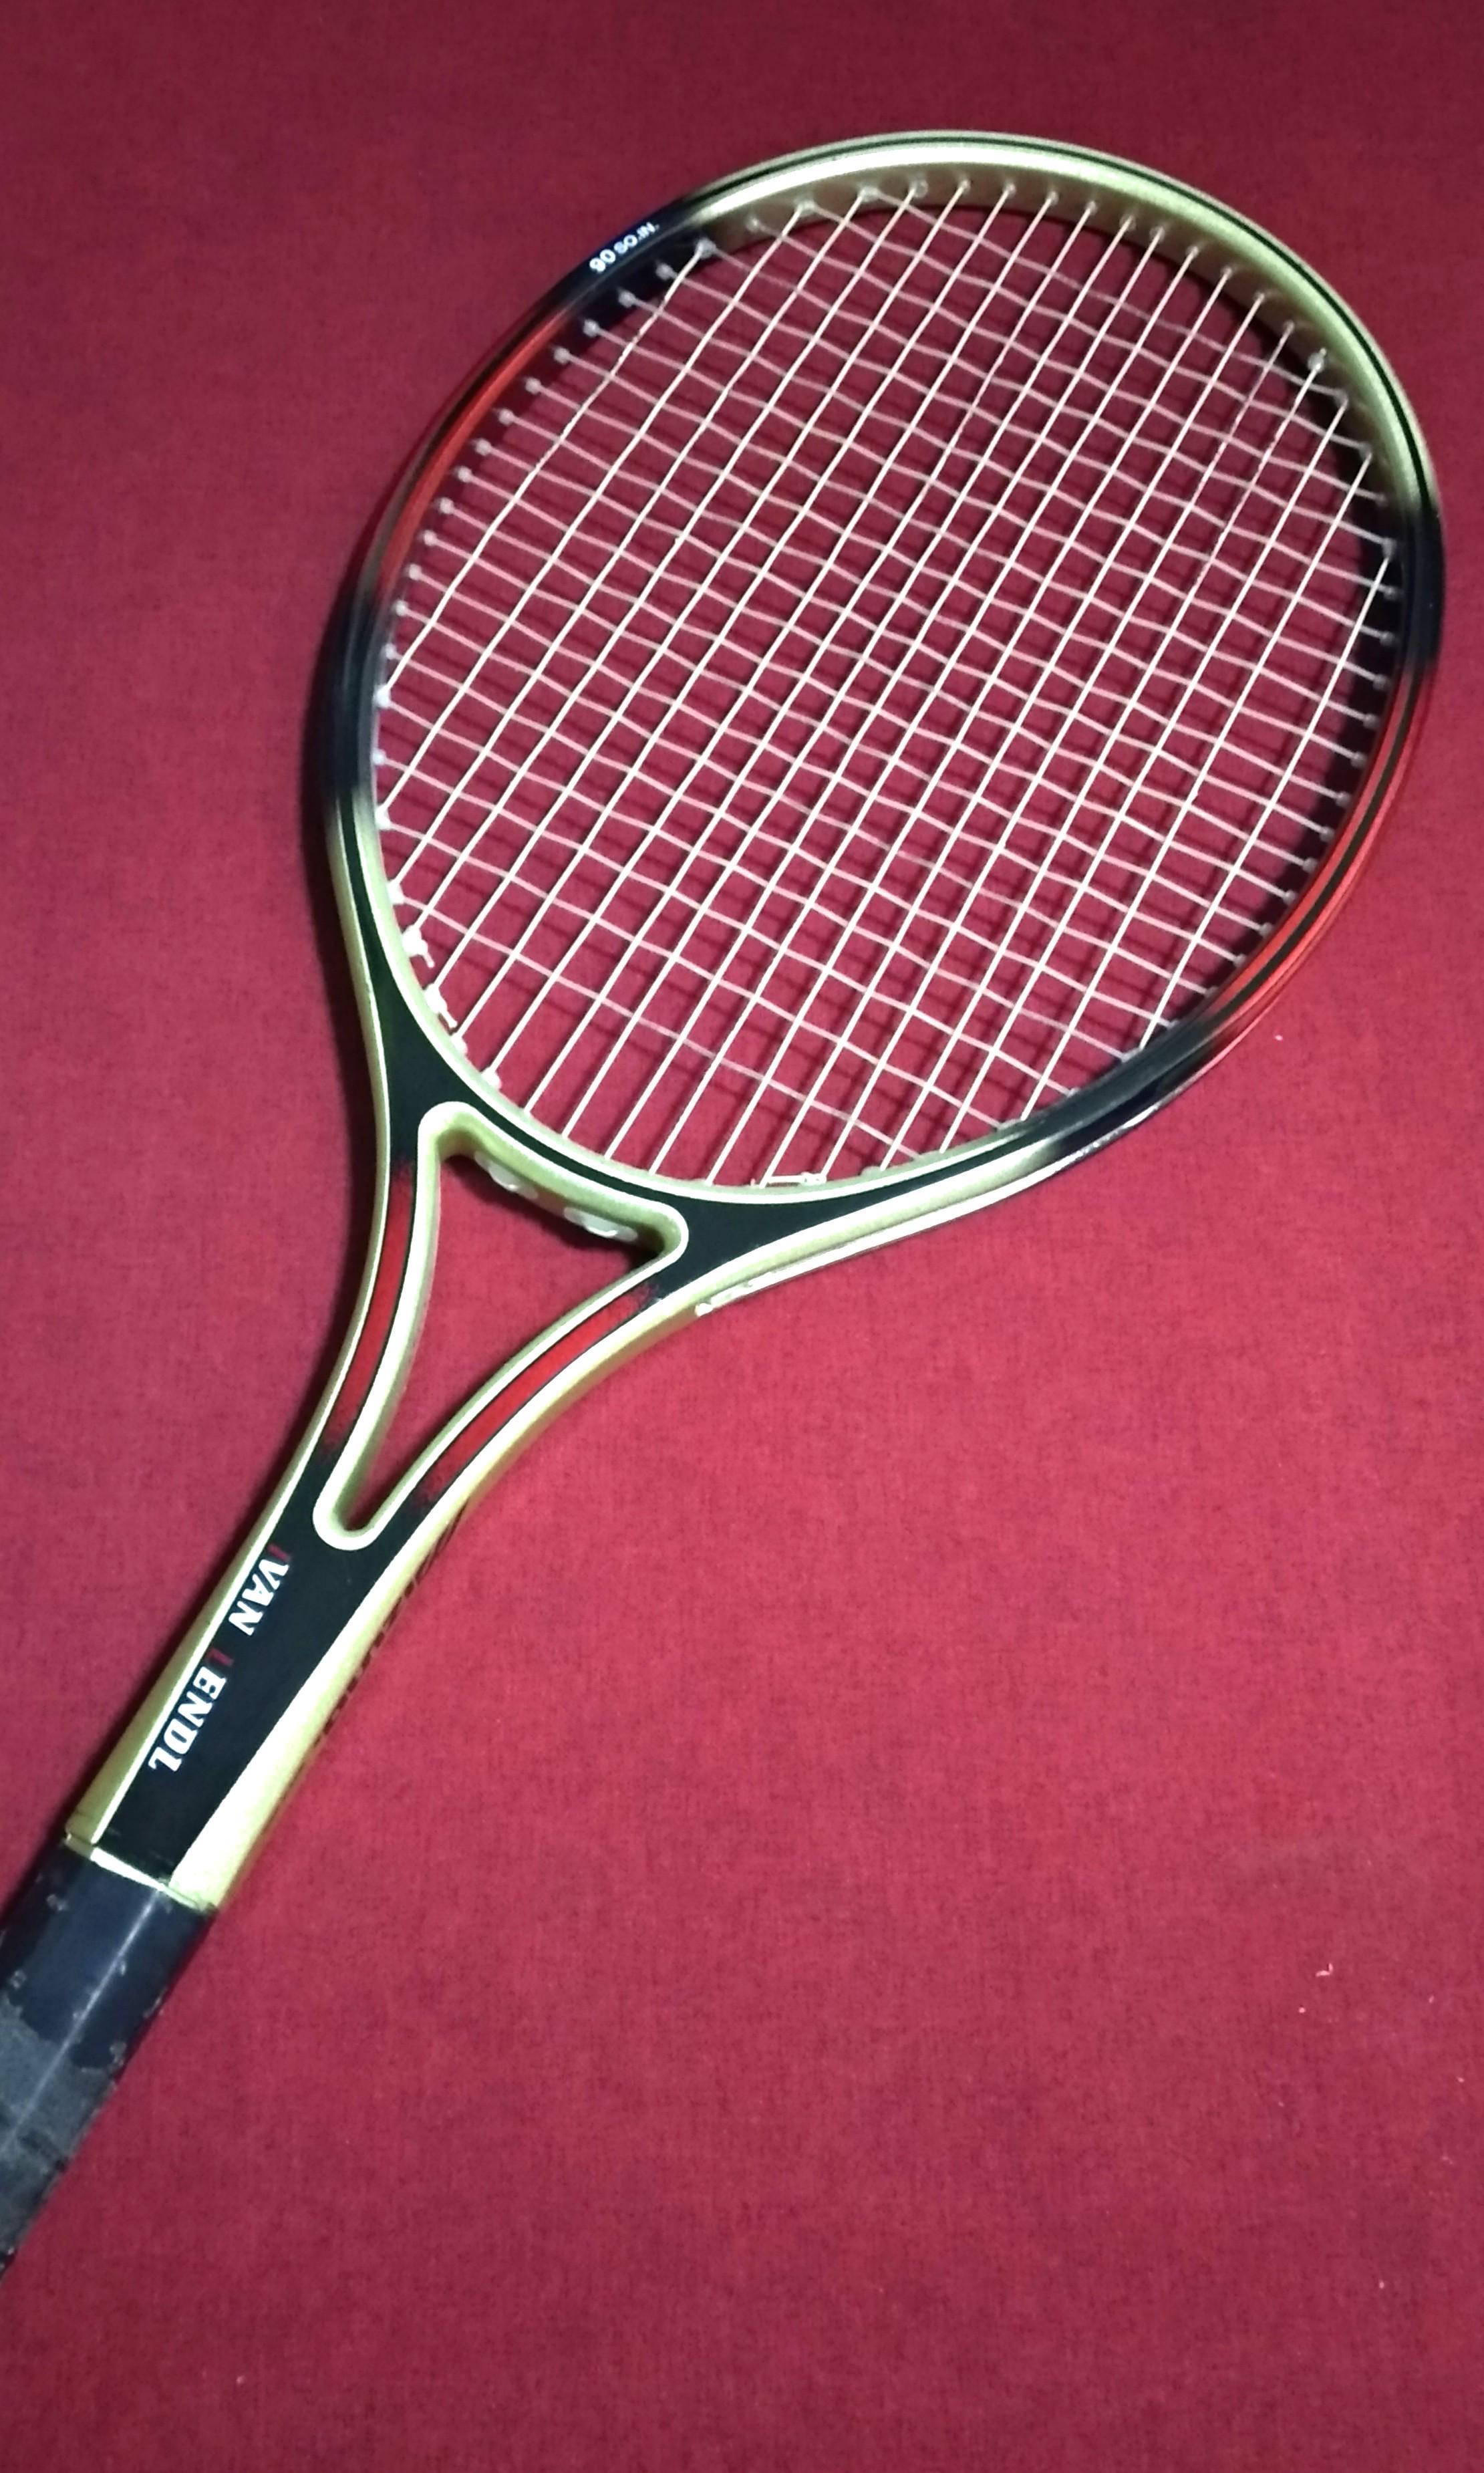 mizuno tennis racquet